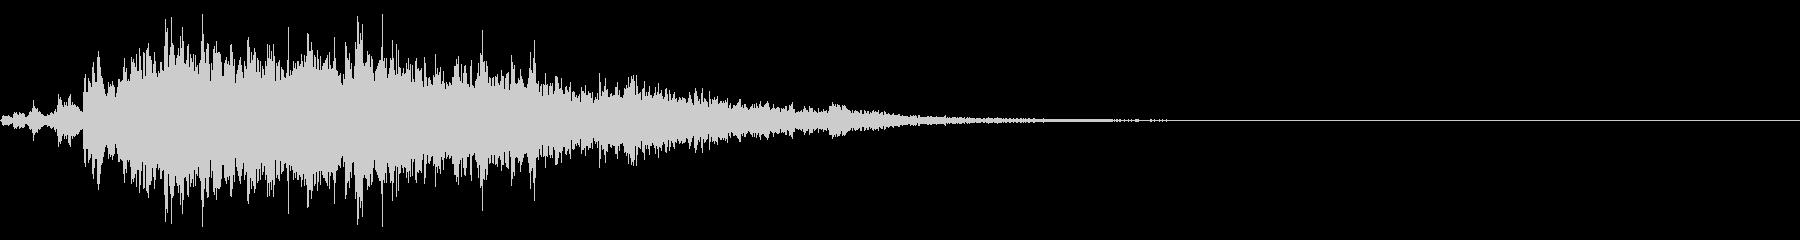 不気味な雰囲気の神楽鈴の連続音の未再生の波形